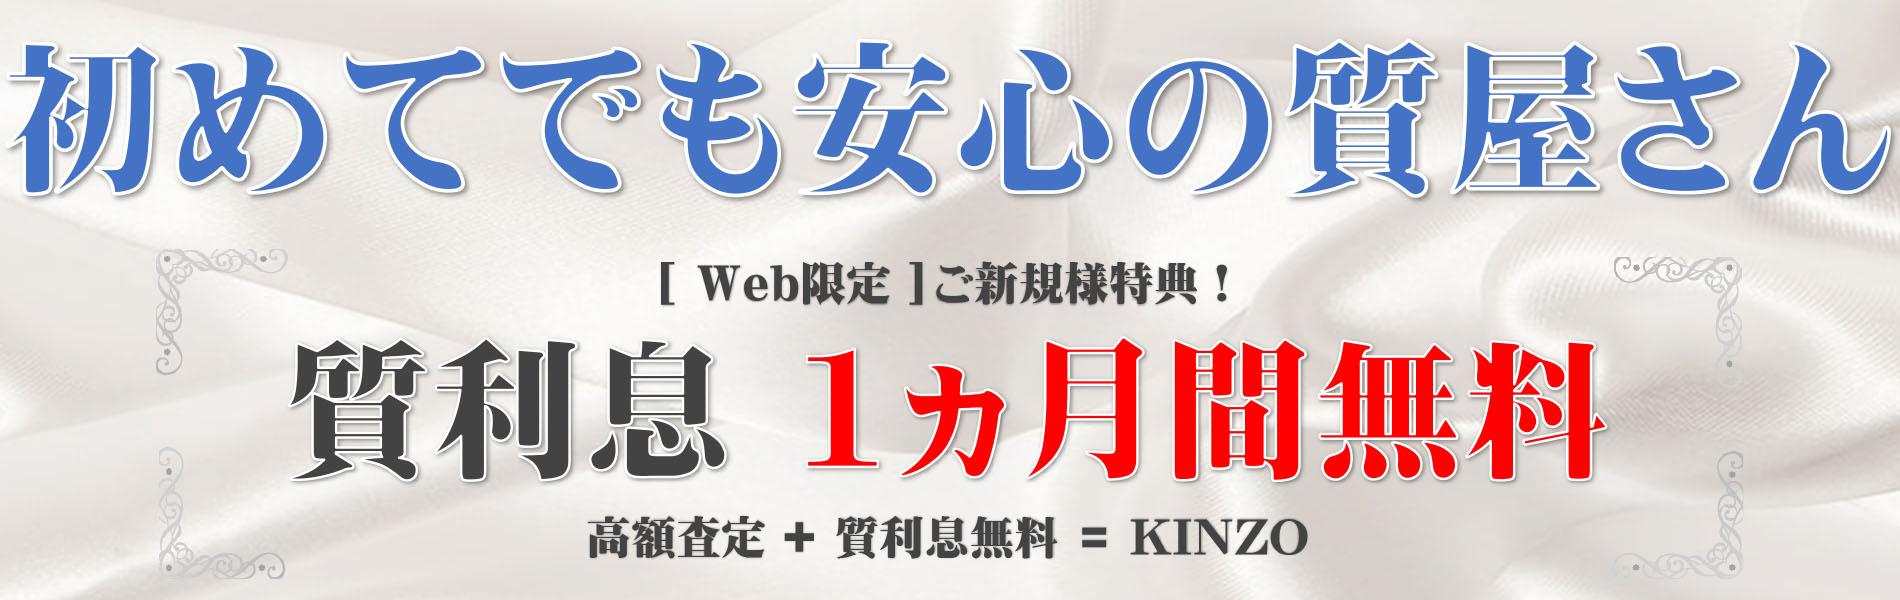 初めてでも安心の名古屋の質屋 金蔵(キンゾー)